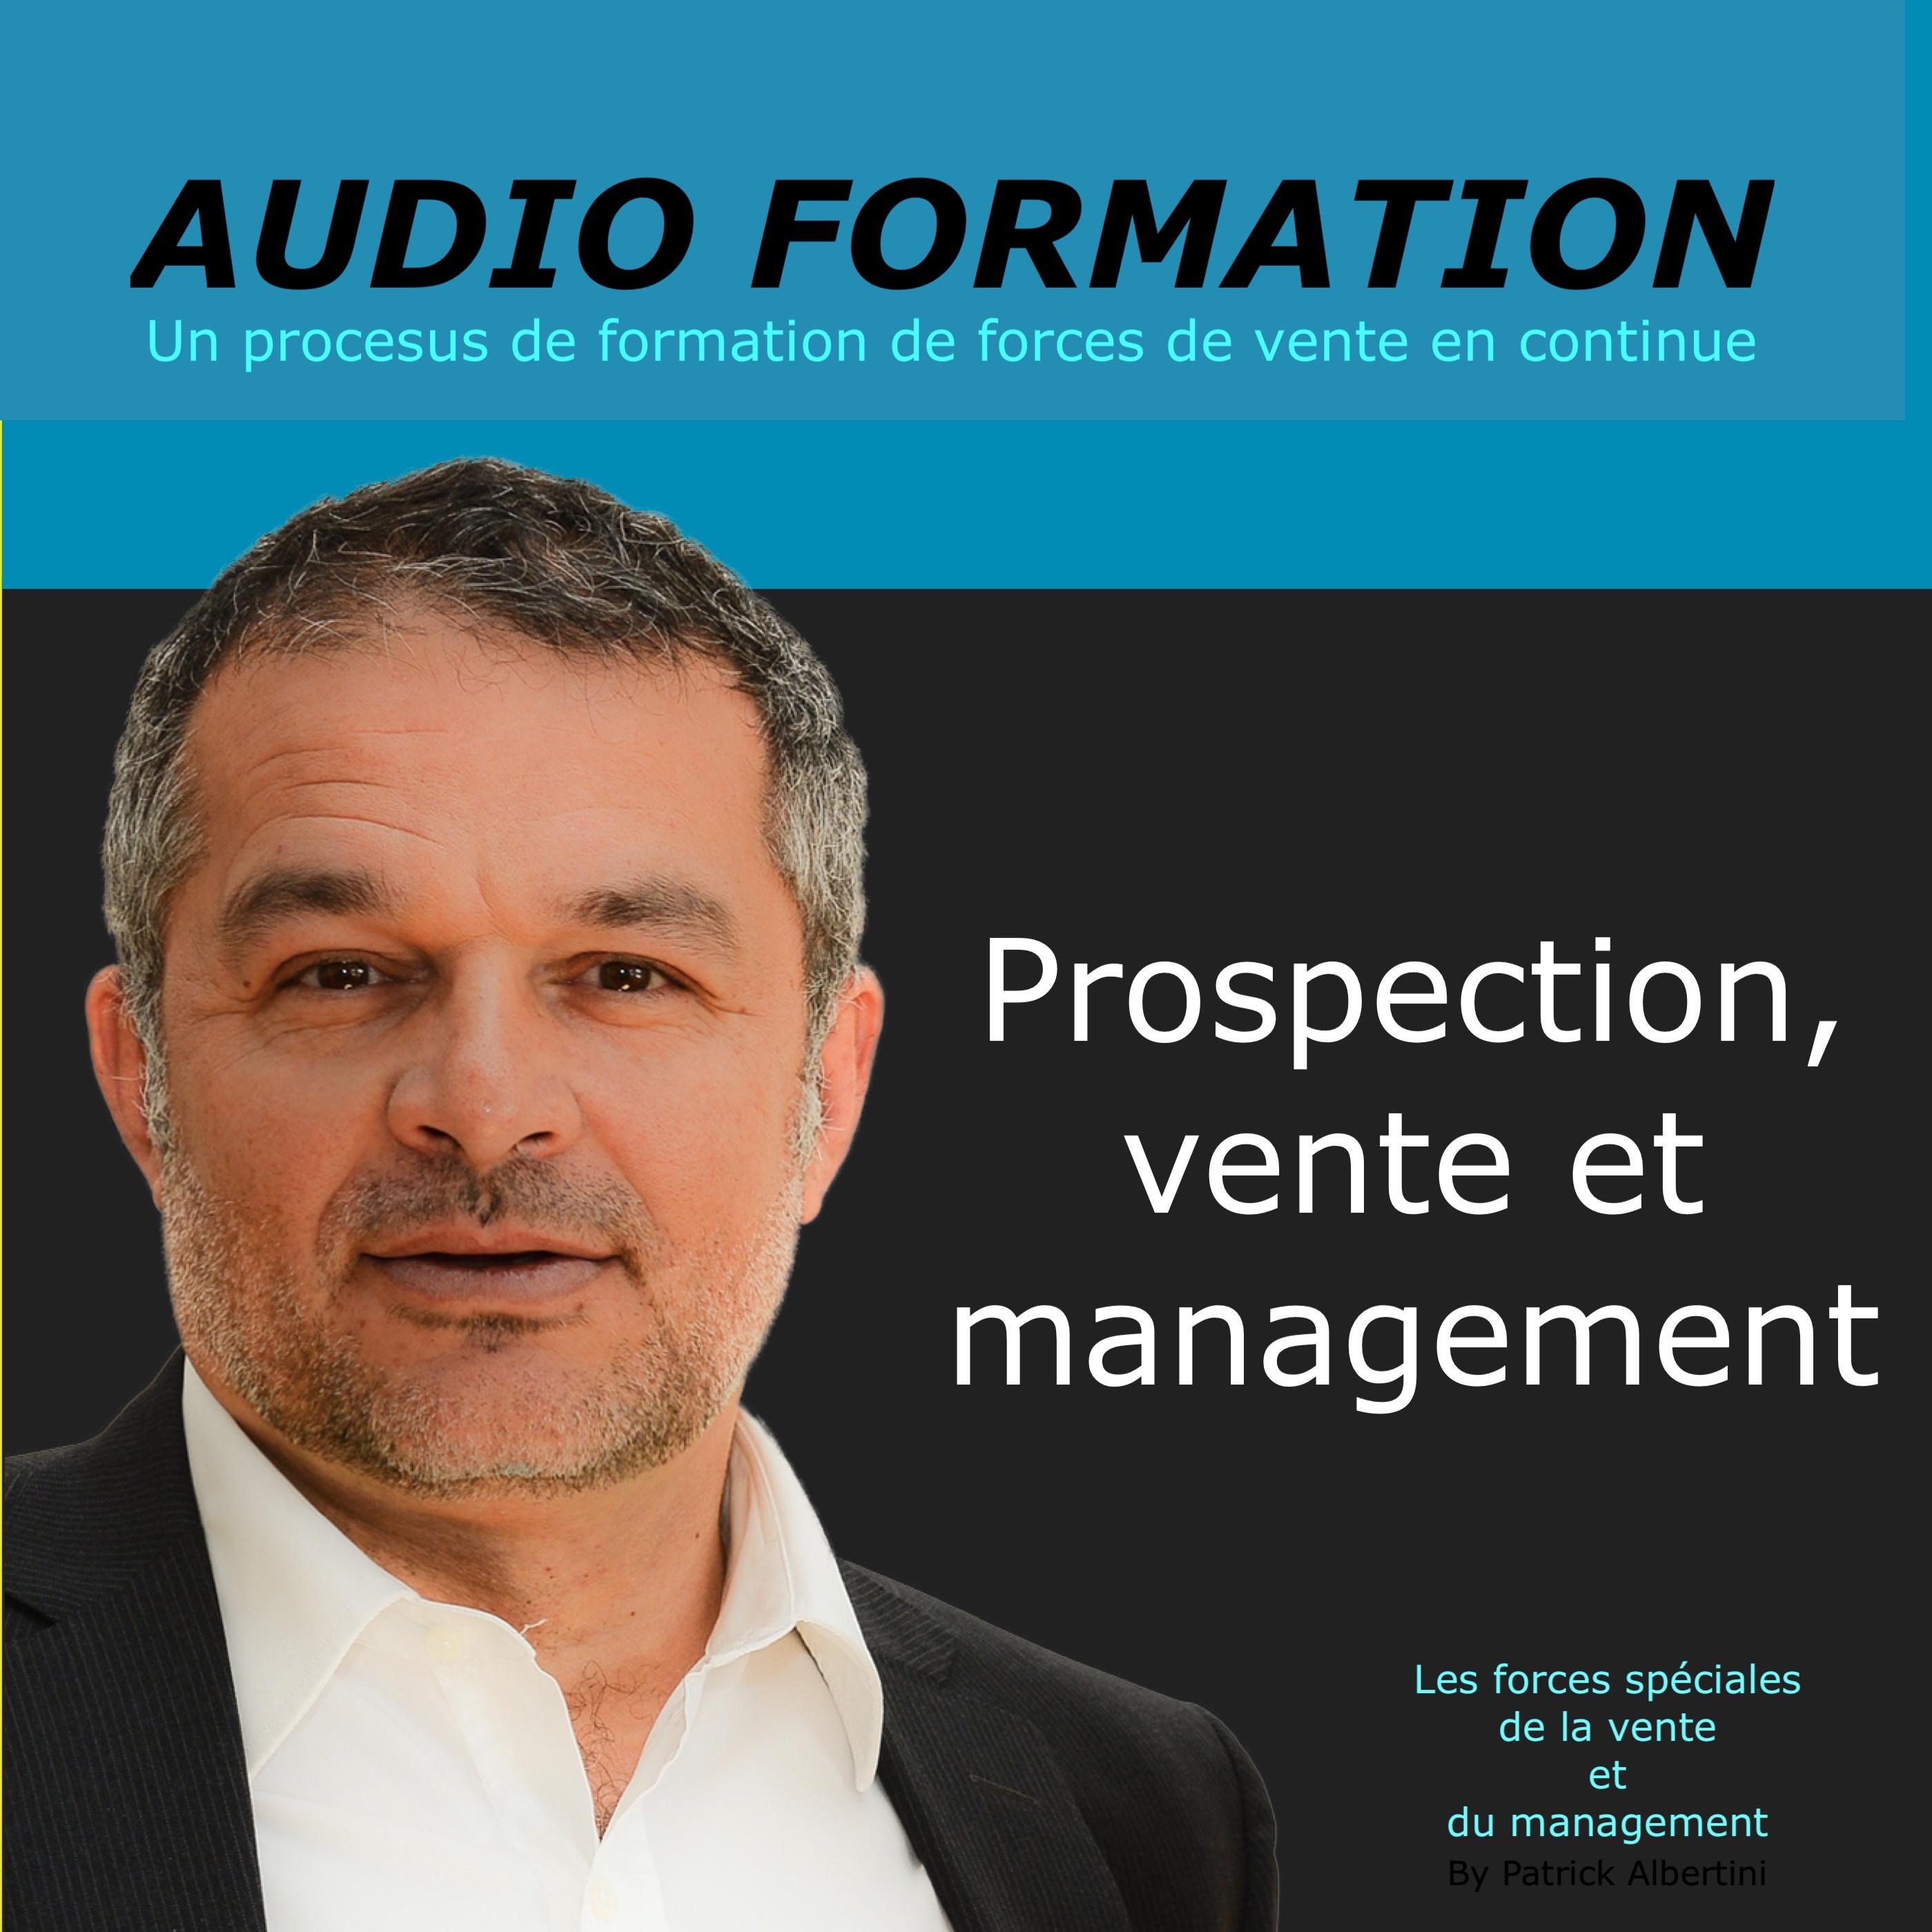 Introduction: Pourquoi la vente est un métier exigeant et demande du professionnalisme ?